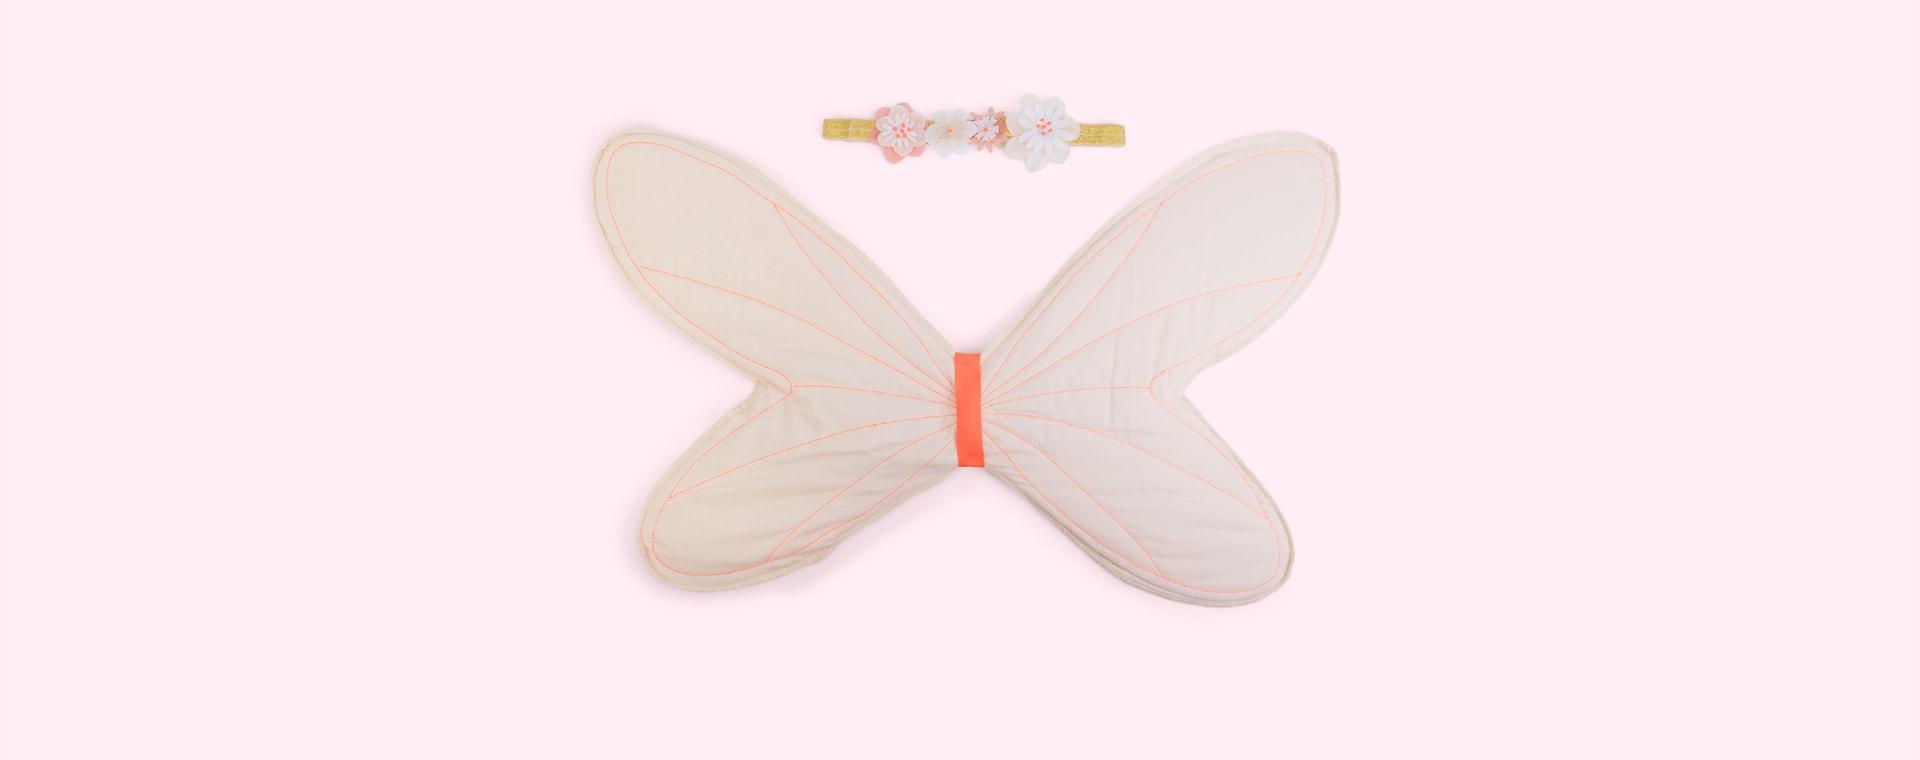 Pink Meri Meri Fairy Wings Dress Up